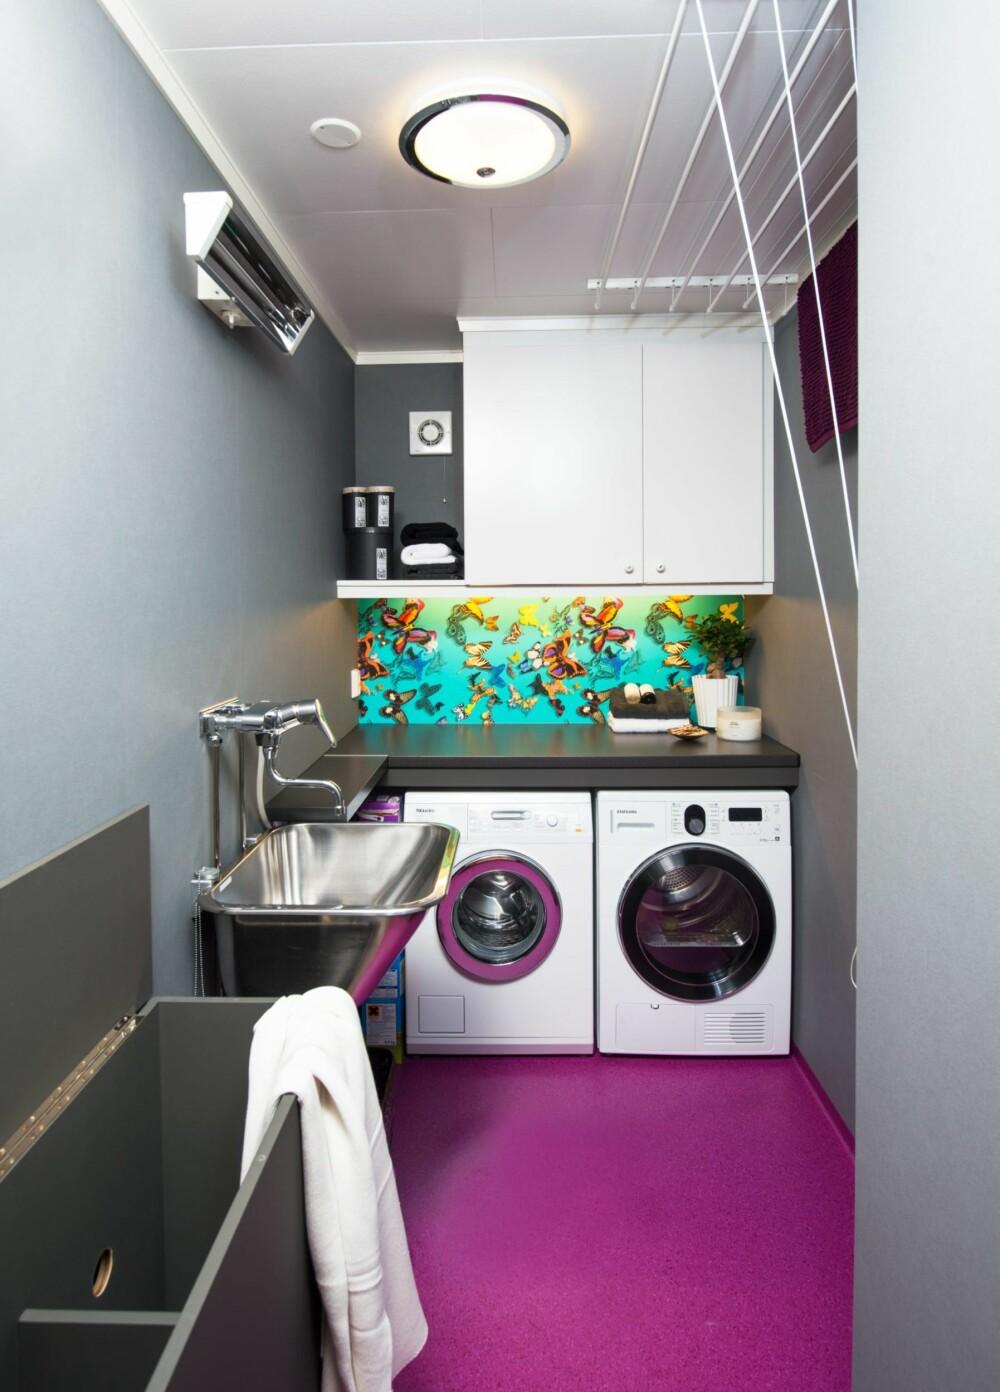 TOK AREAL FRA SOVEROMMET: Vaskerommet fikk 40 cm ekstra bredde ved å krympe soverommet tilsvarende. Tørkestativet i taket er kjøpt hos interiordetalj.no. Den spreke lillafargen på gulvet har gjort at vaskerommet er blitt samtaleemne blant familiens middagsgjester. - På en positiv måte, legger Hildegunn til.